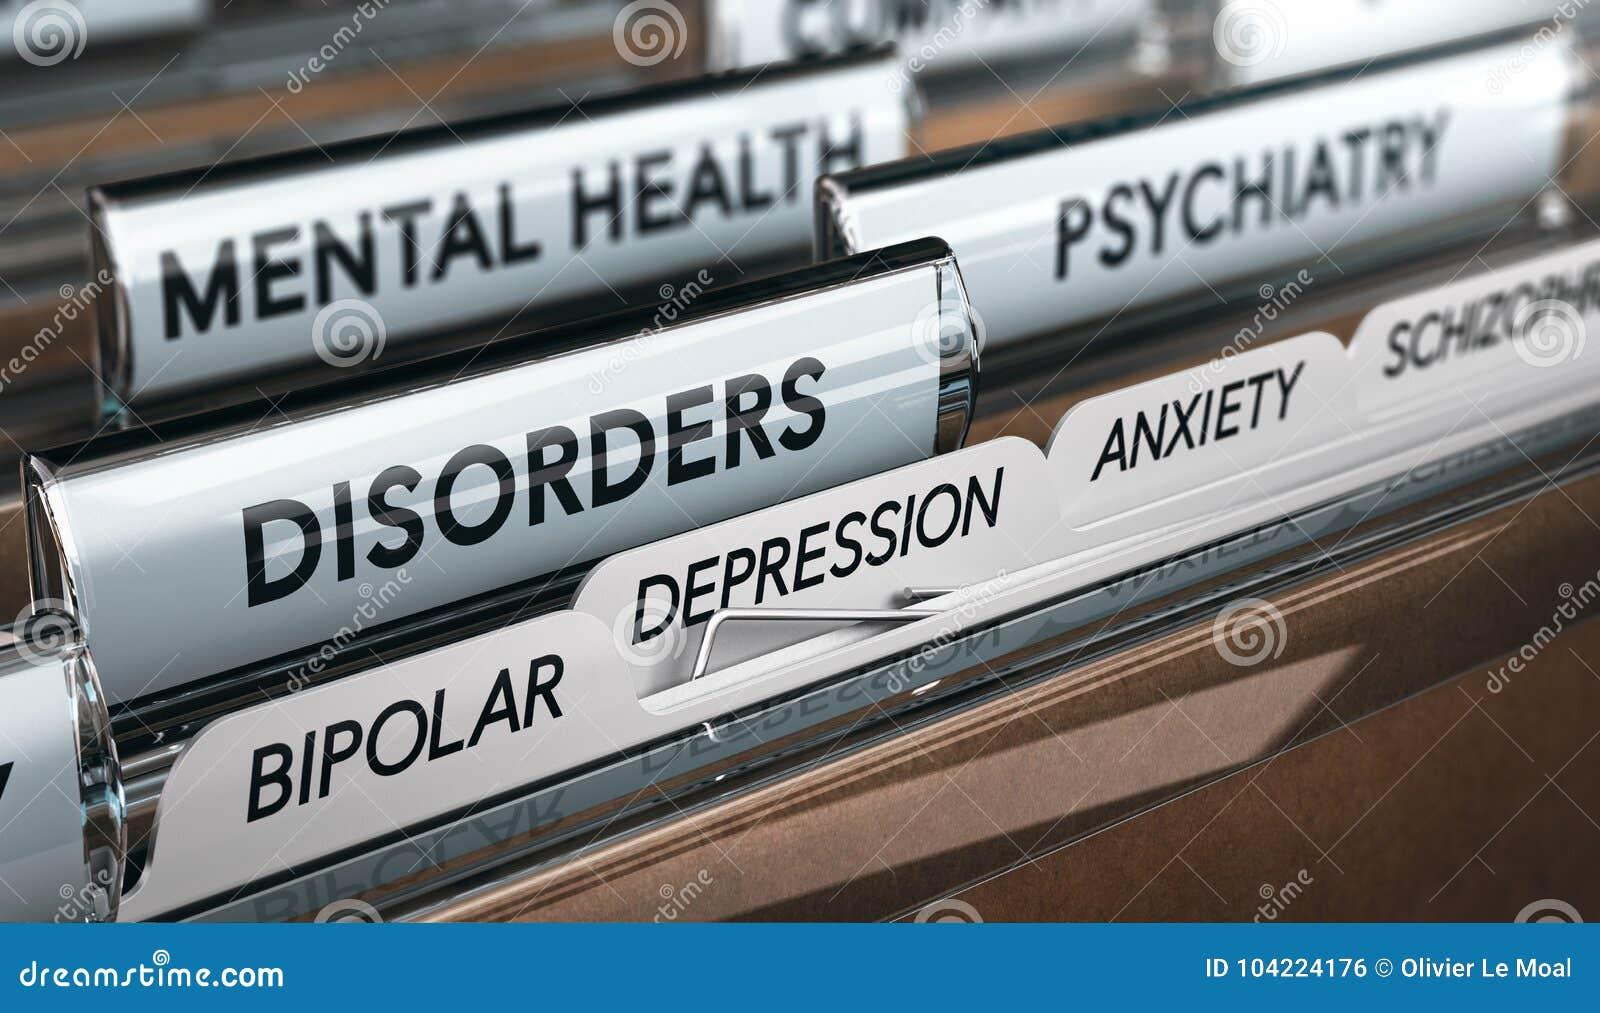 Liste de maladie mentale, troubles psychiatriques